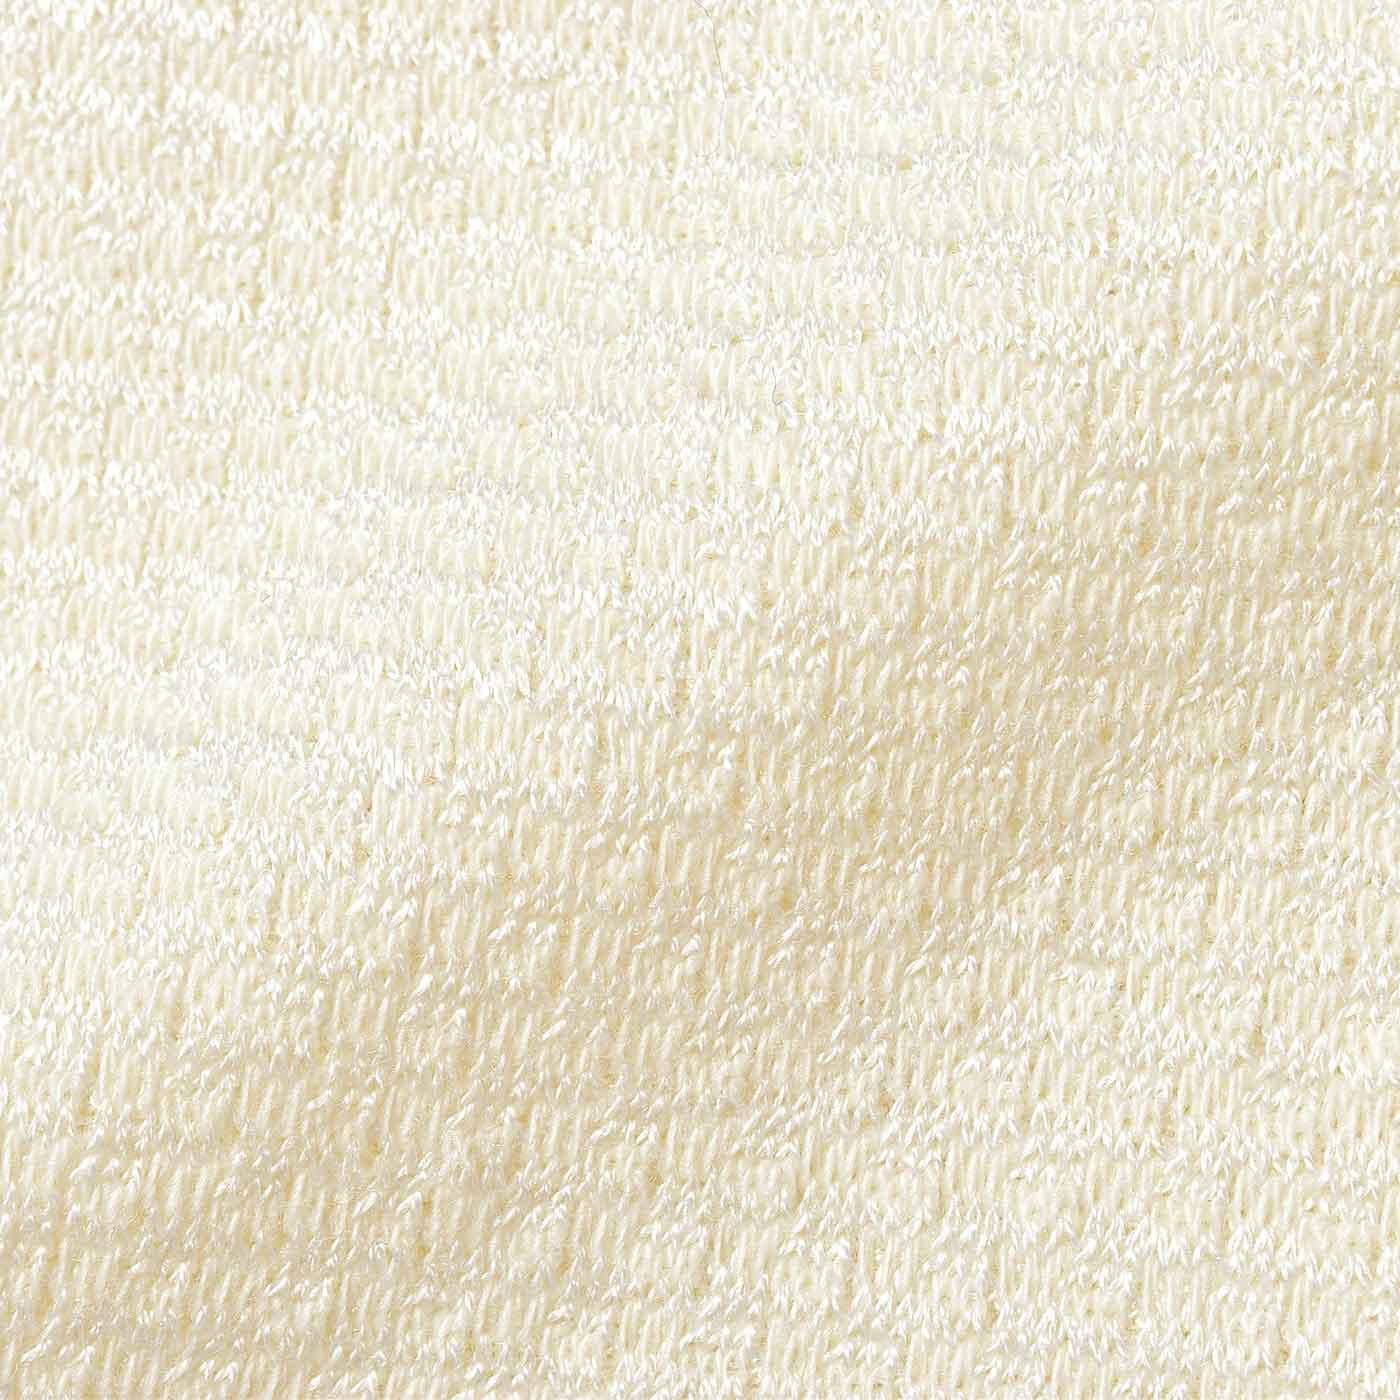 ぽこぽことした編み地は、肌に当たる部分がシルクリッチで素肌にうっとり。